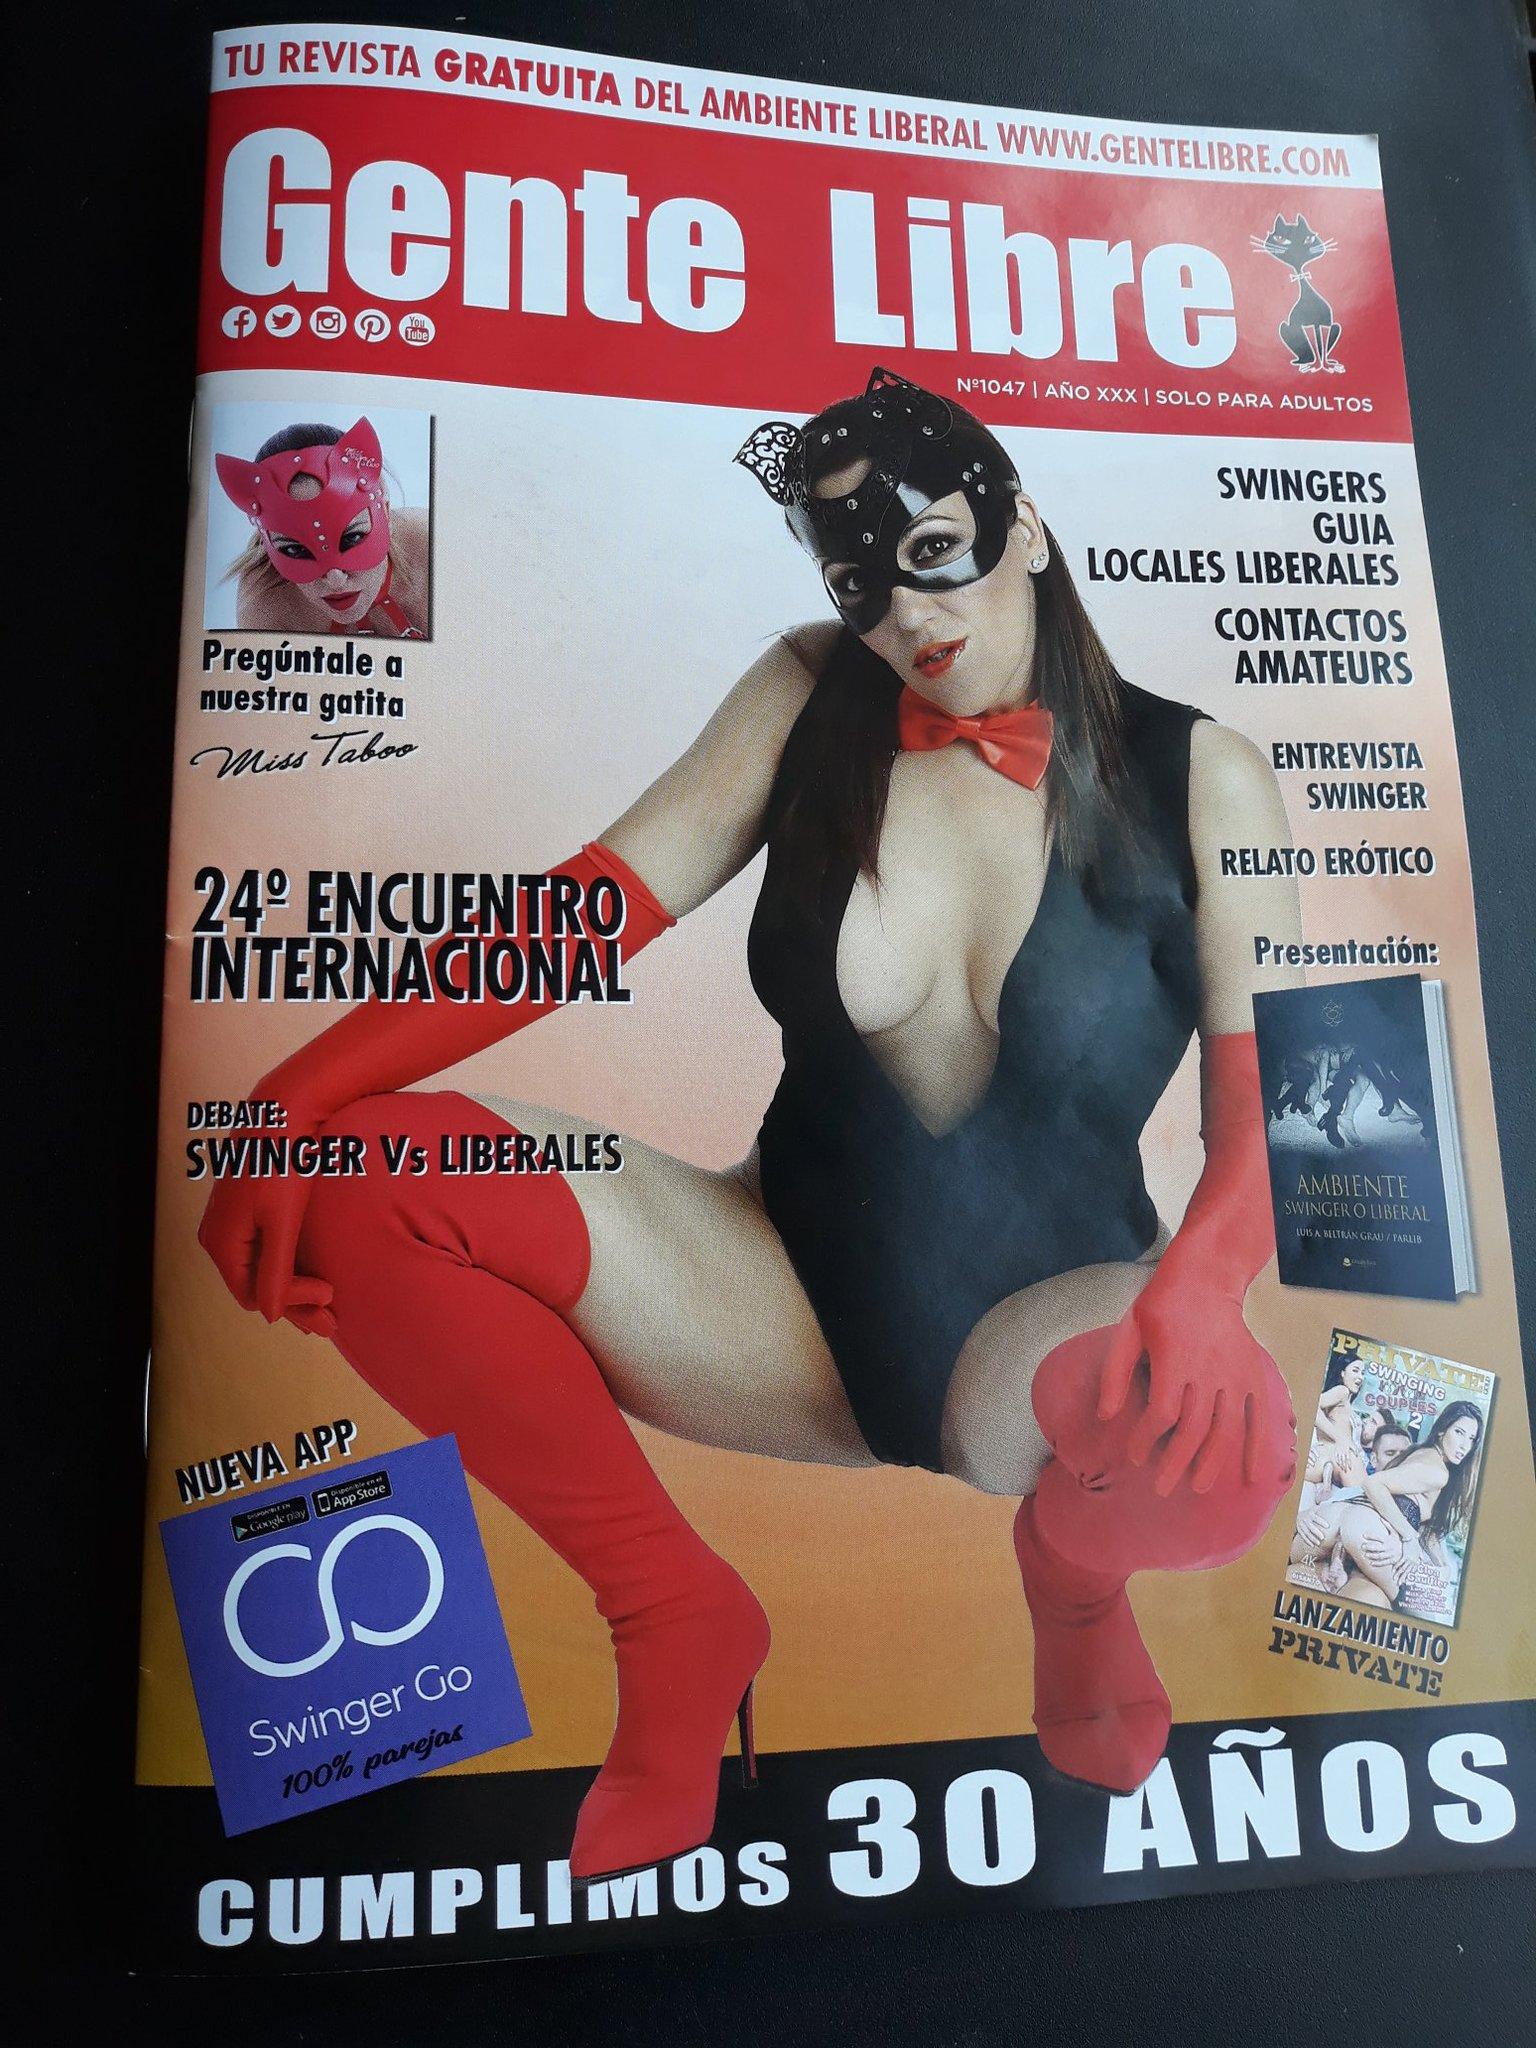 Nuevo ejemplar de la Revista GENTE LIBRE ya disponible en toda España